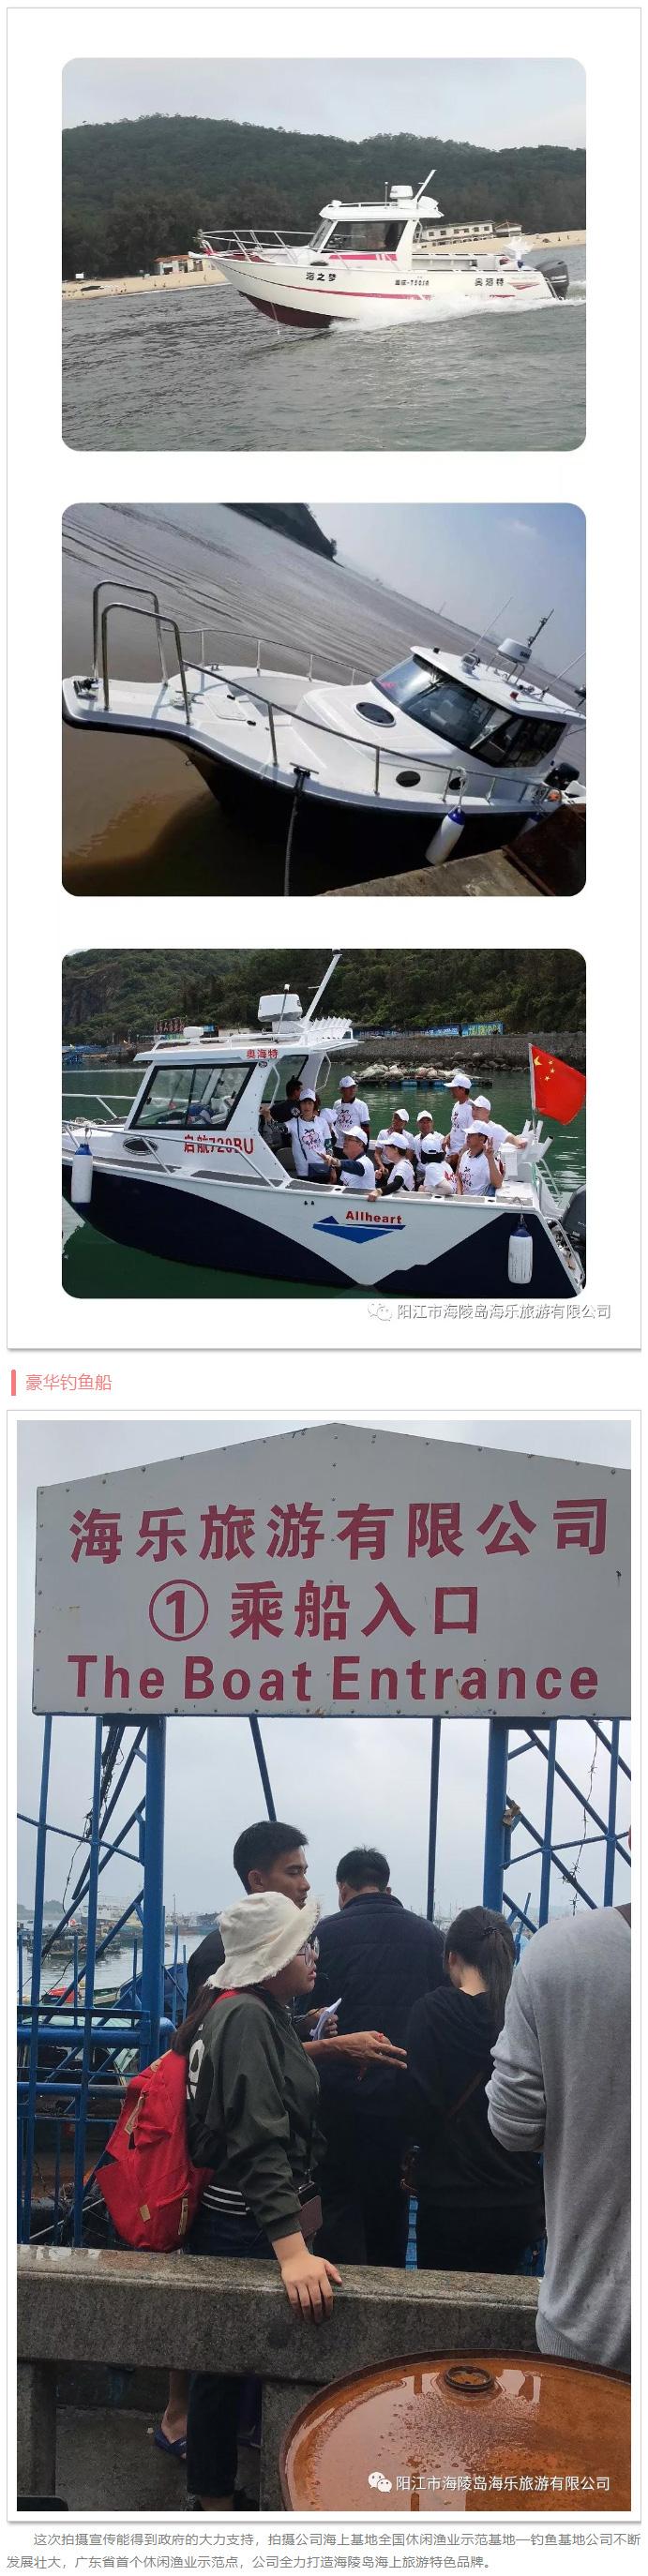 廣東省首個休閑漁業示范點—海樂旅游公司_05.jpg